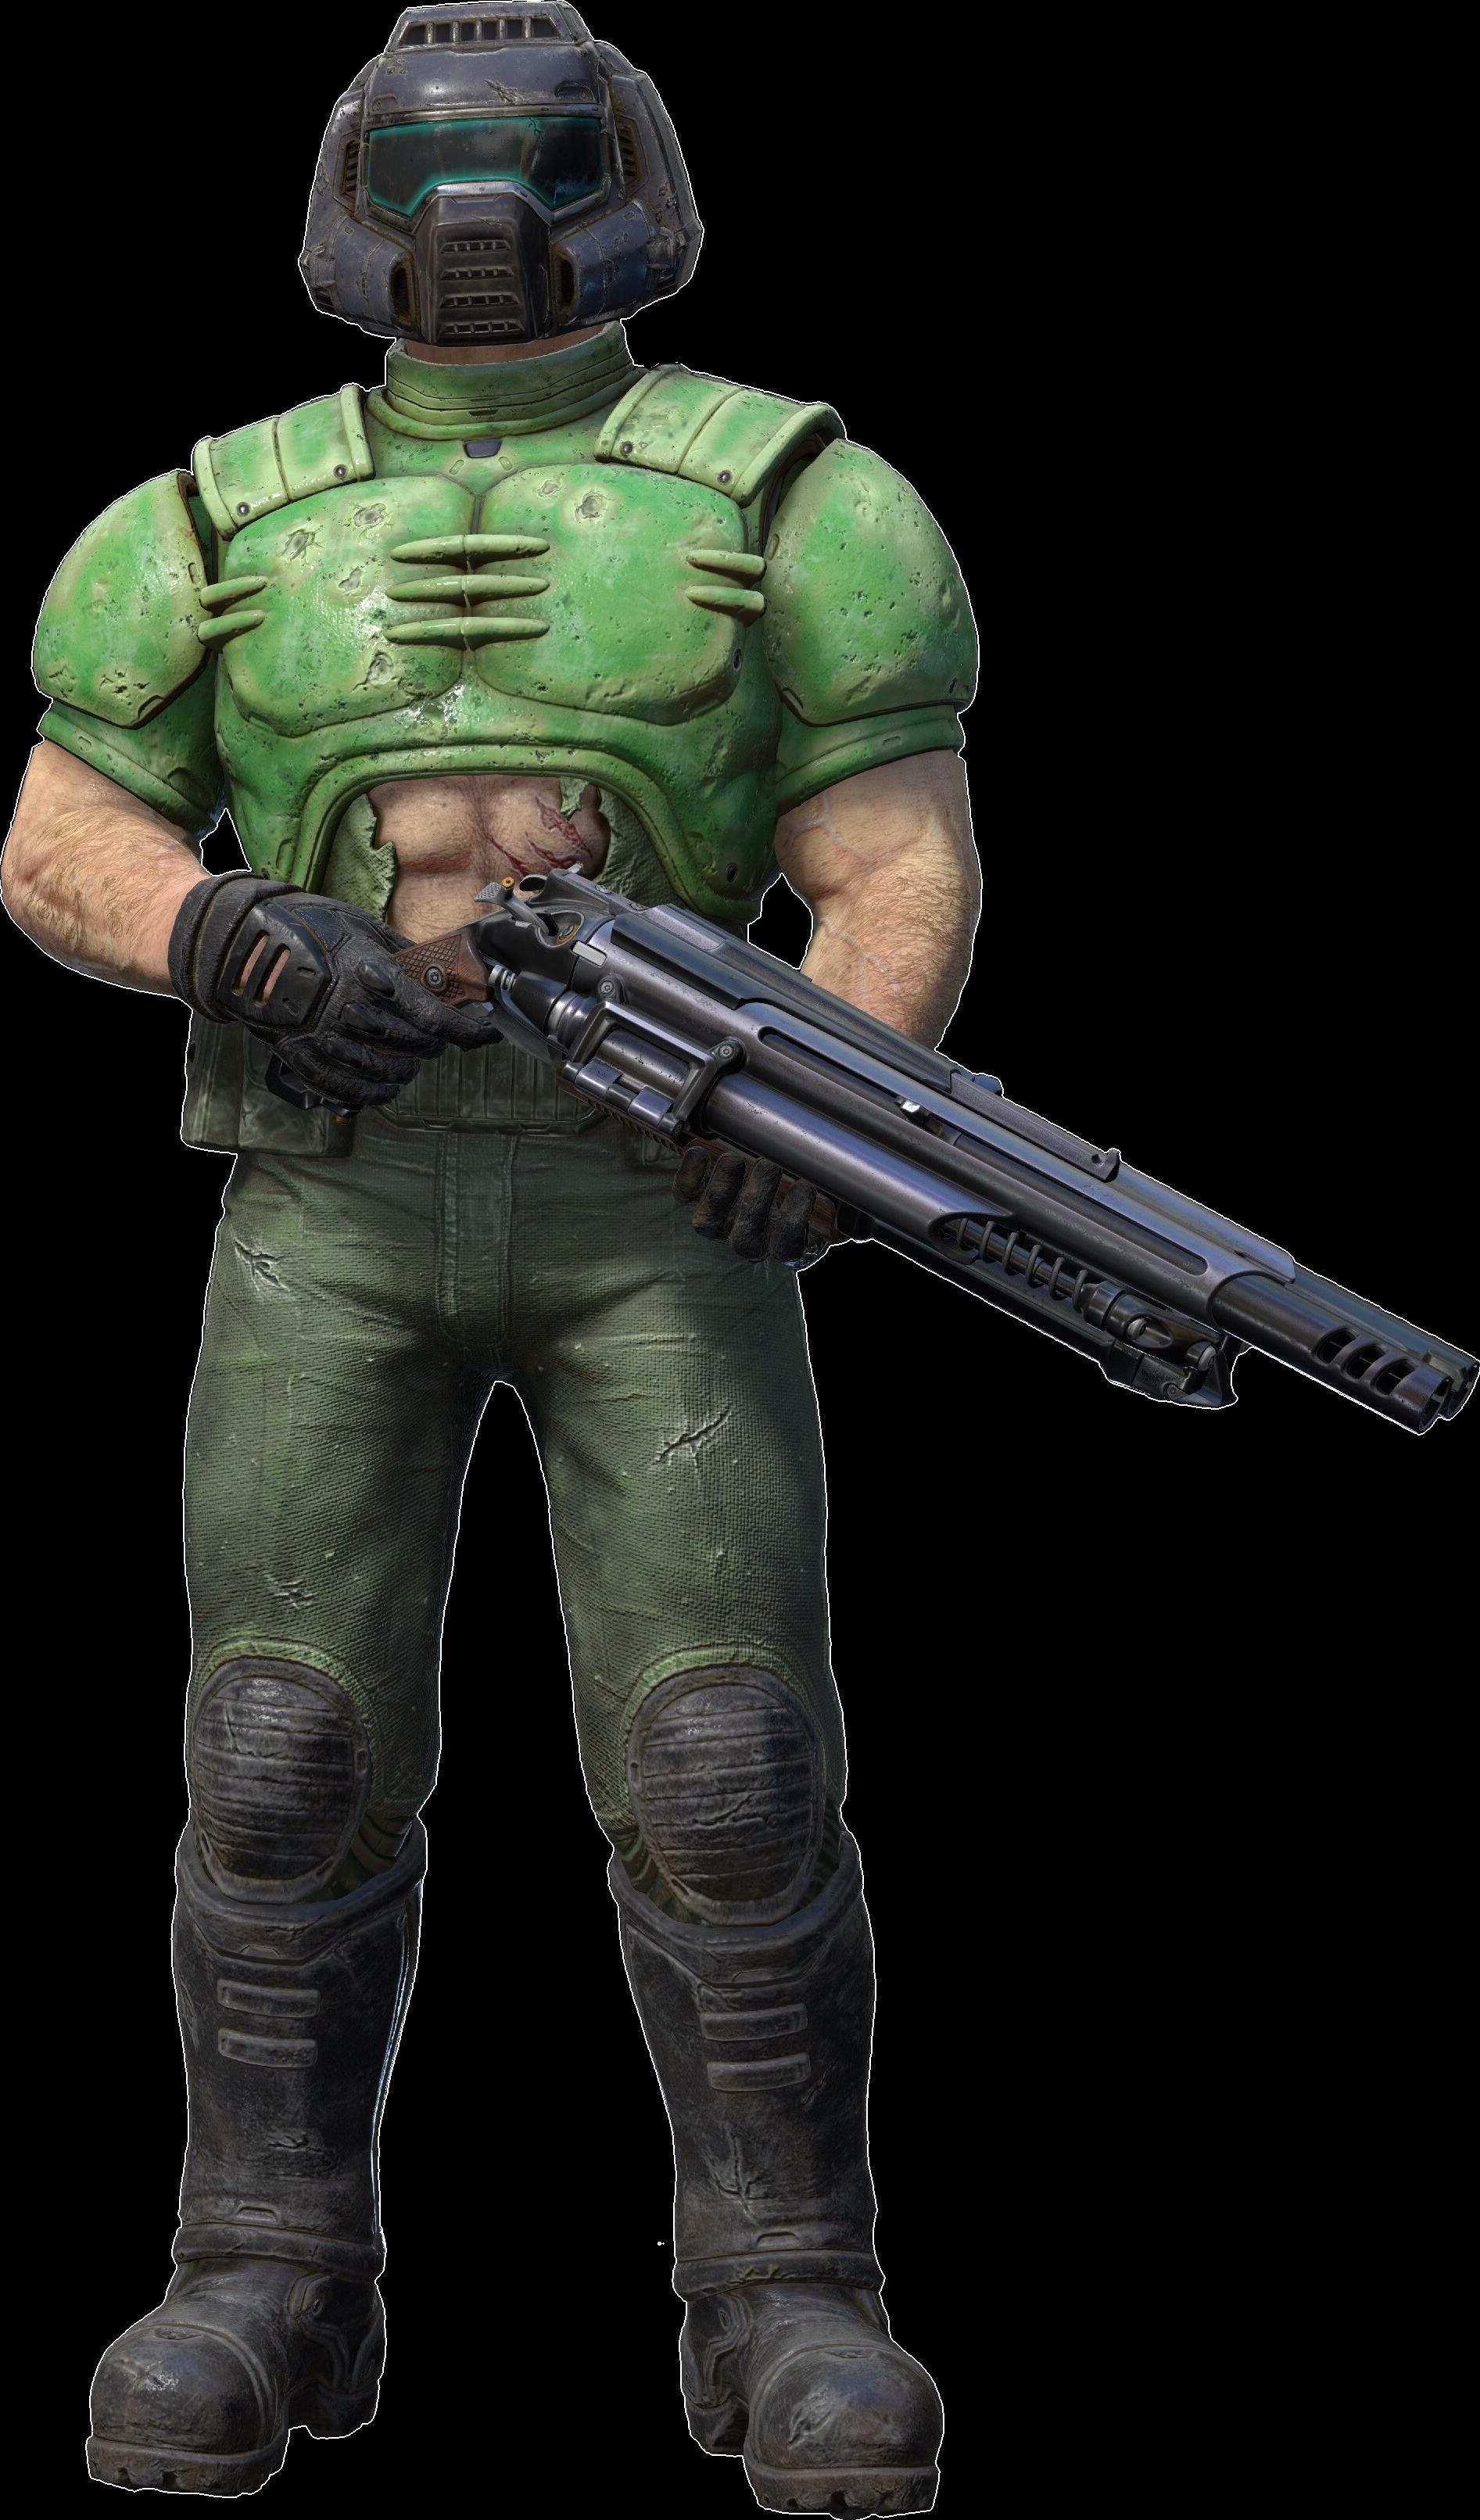 doom guy no armor